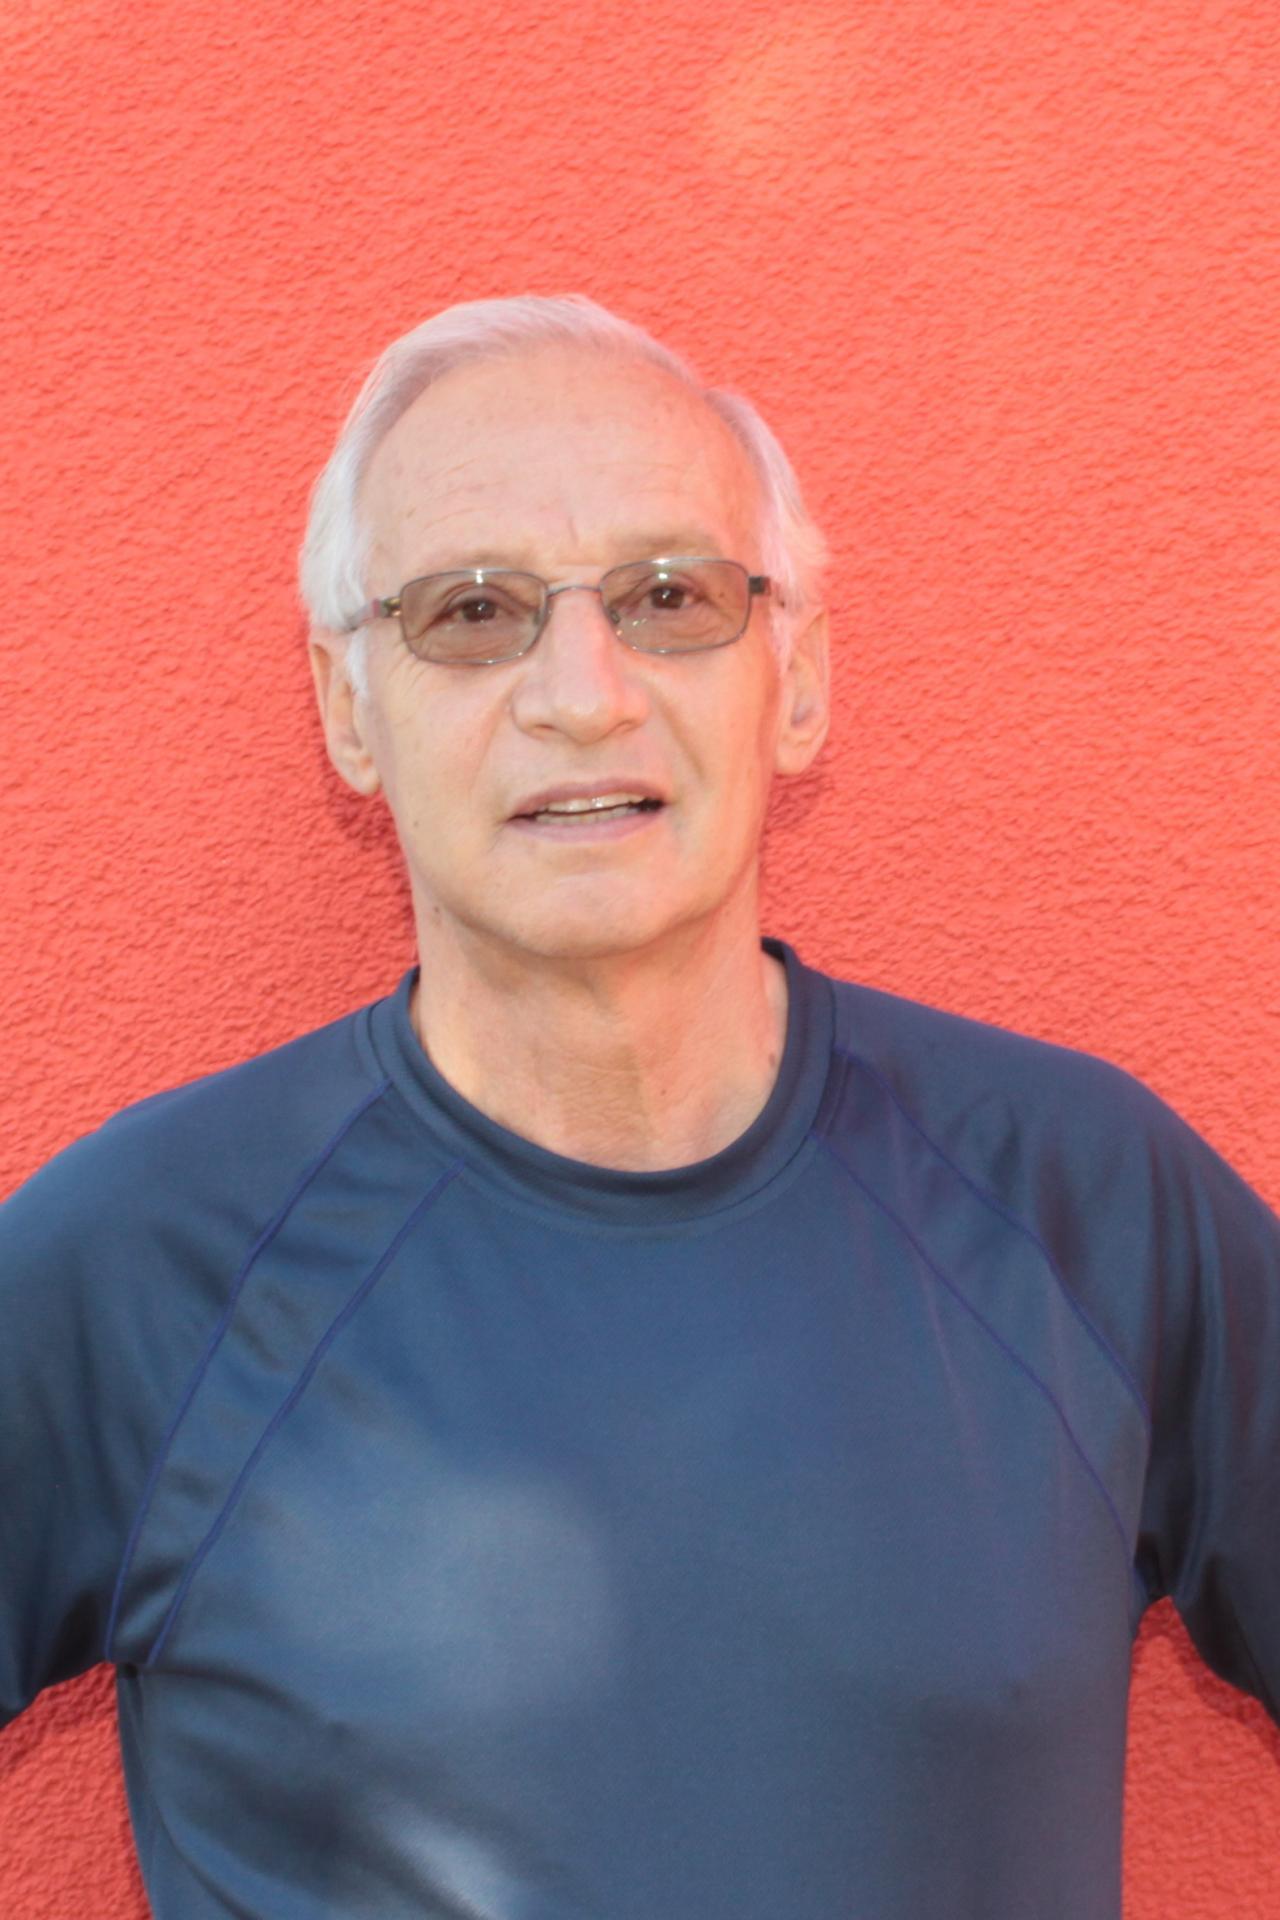 Edgardo Leys